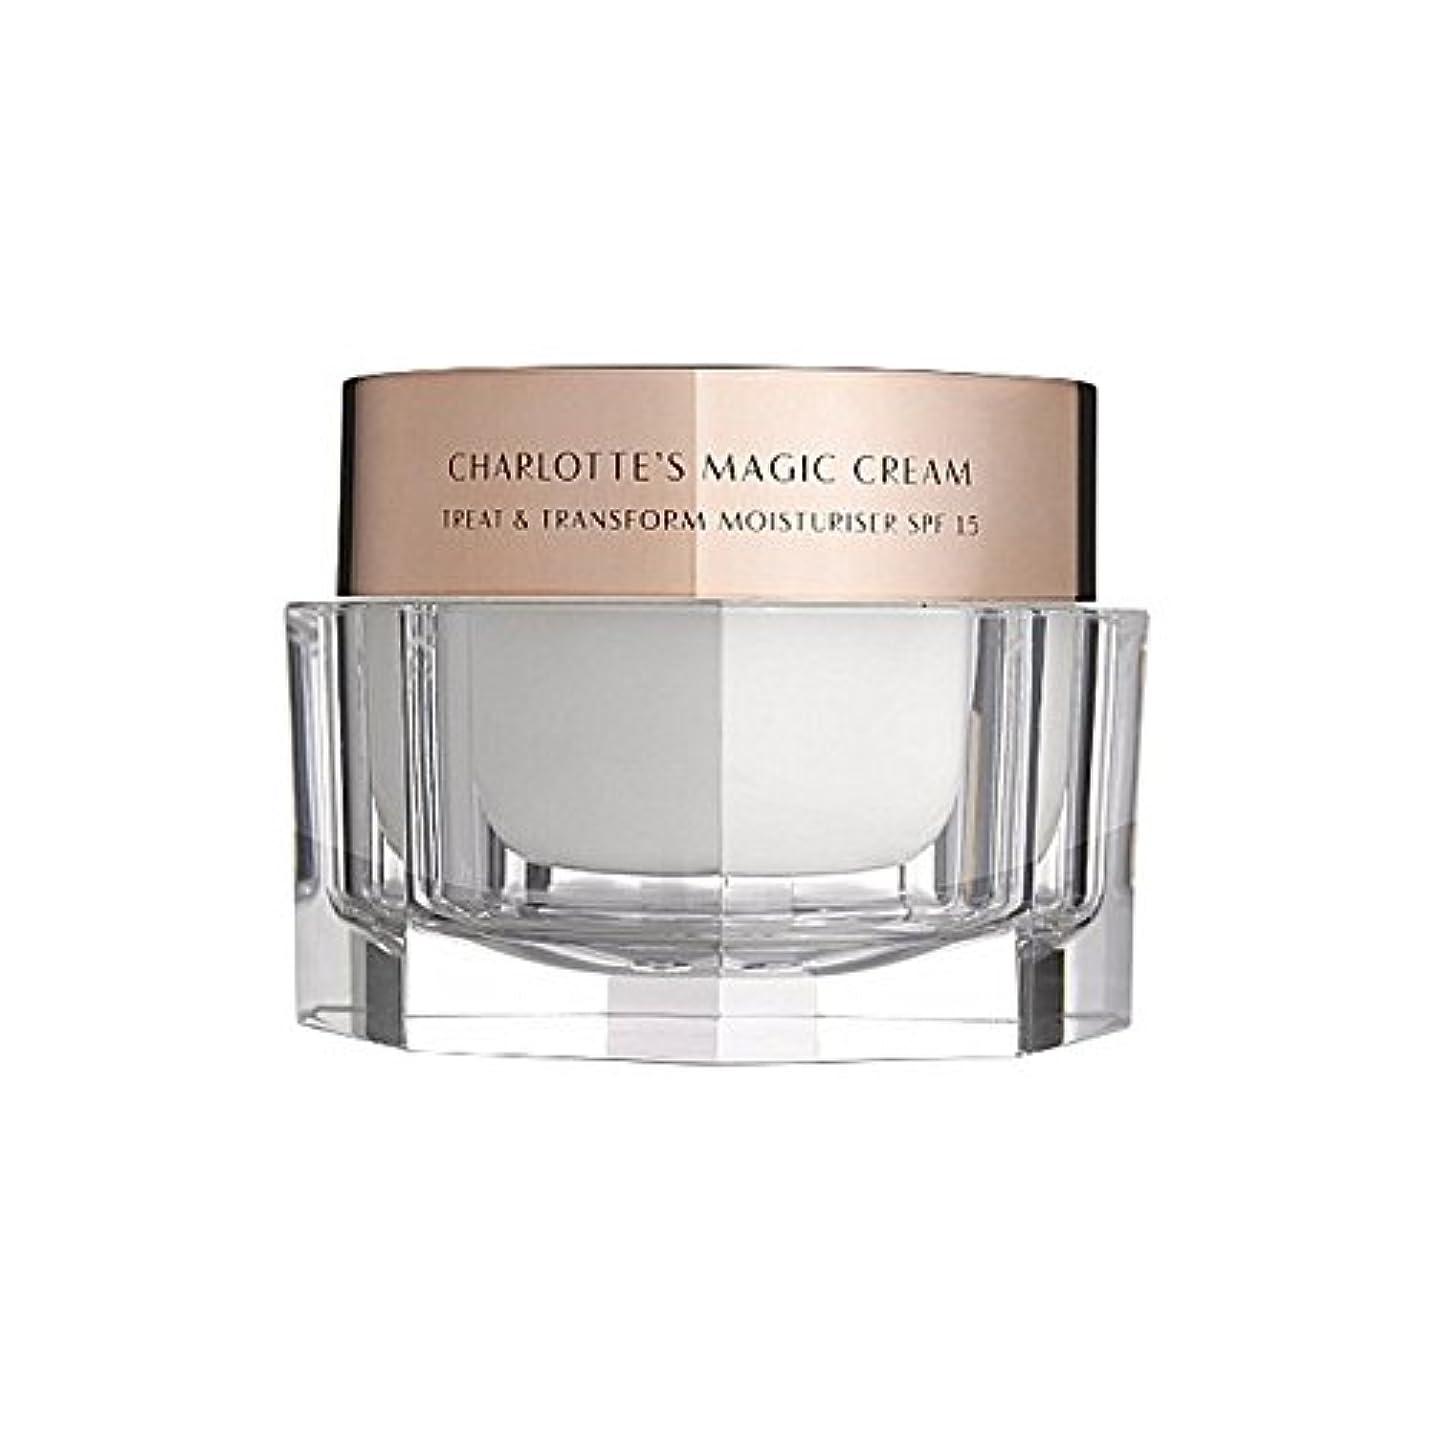 コマンド帝国主義涙Charlotte Tilbury Charlotte's Magic Cream Treat & Transform Moisturiser Spf 15 50Ml - シャーロット?ティルベリーシャーロットの魔法のクリーム...